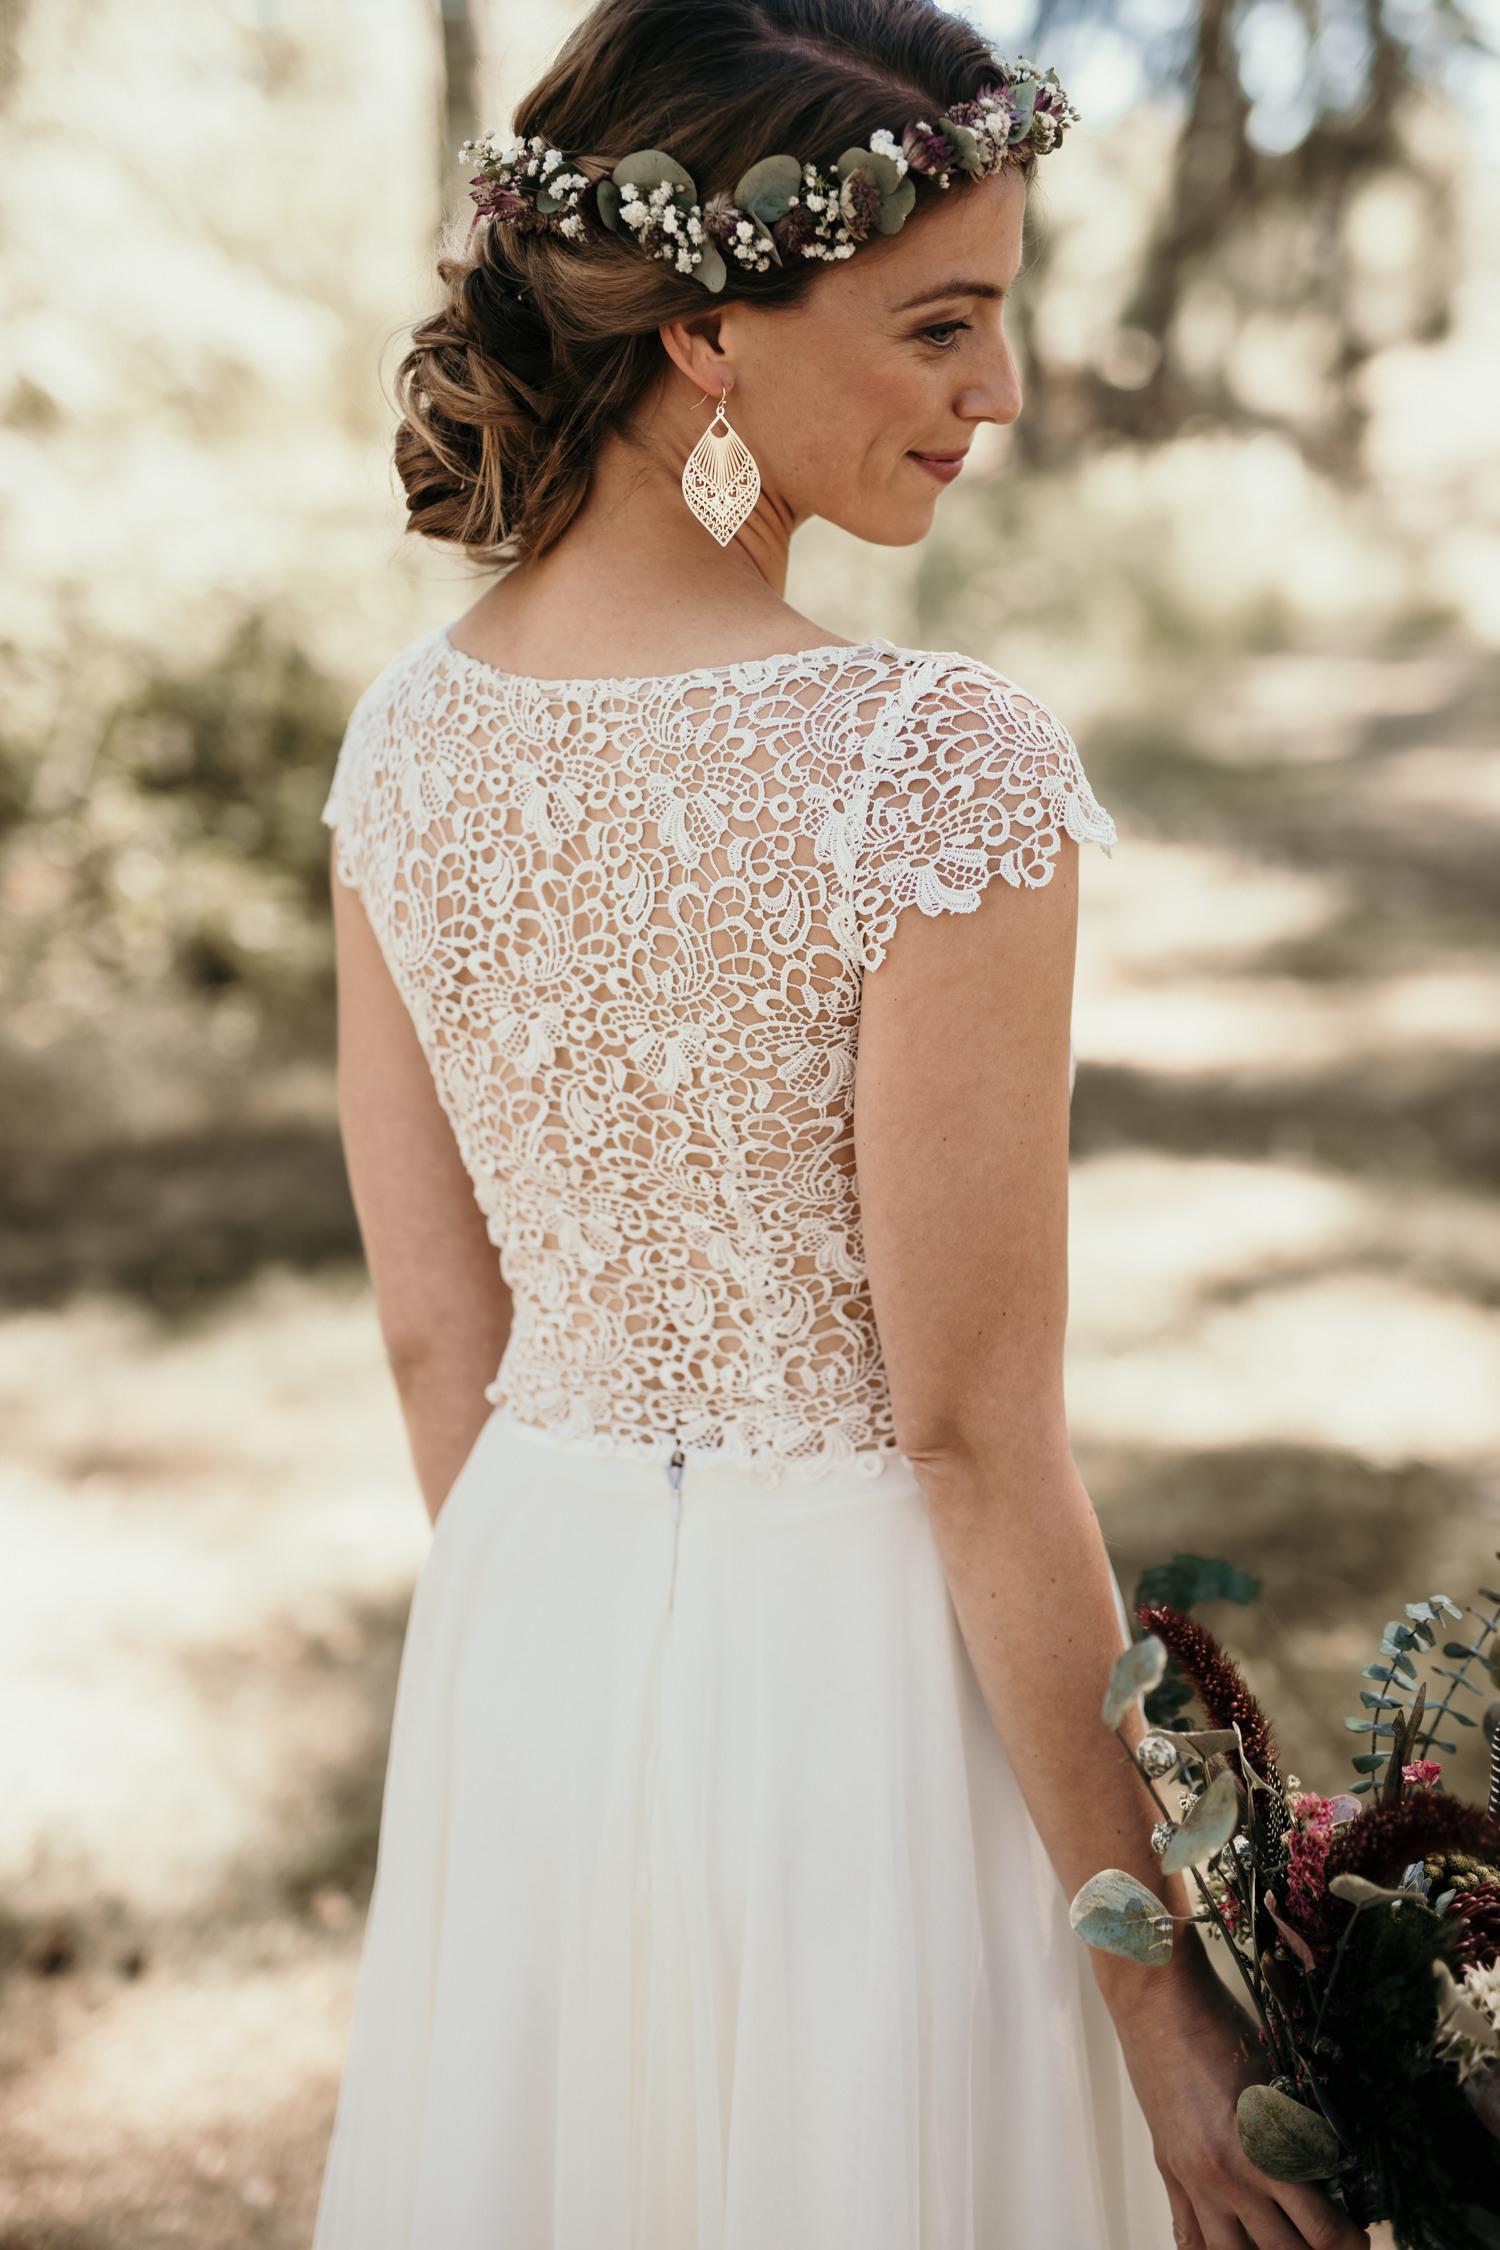 Die Schönsten Brautkleider Fürs Standesamt 14 - Abendkleid